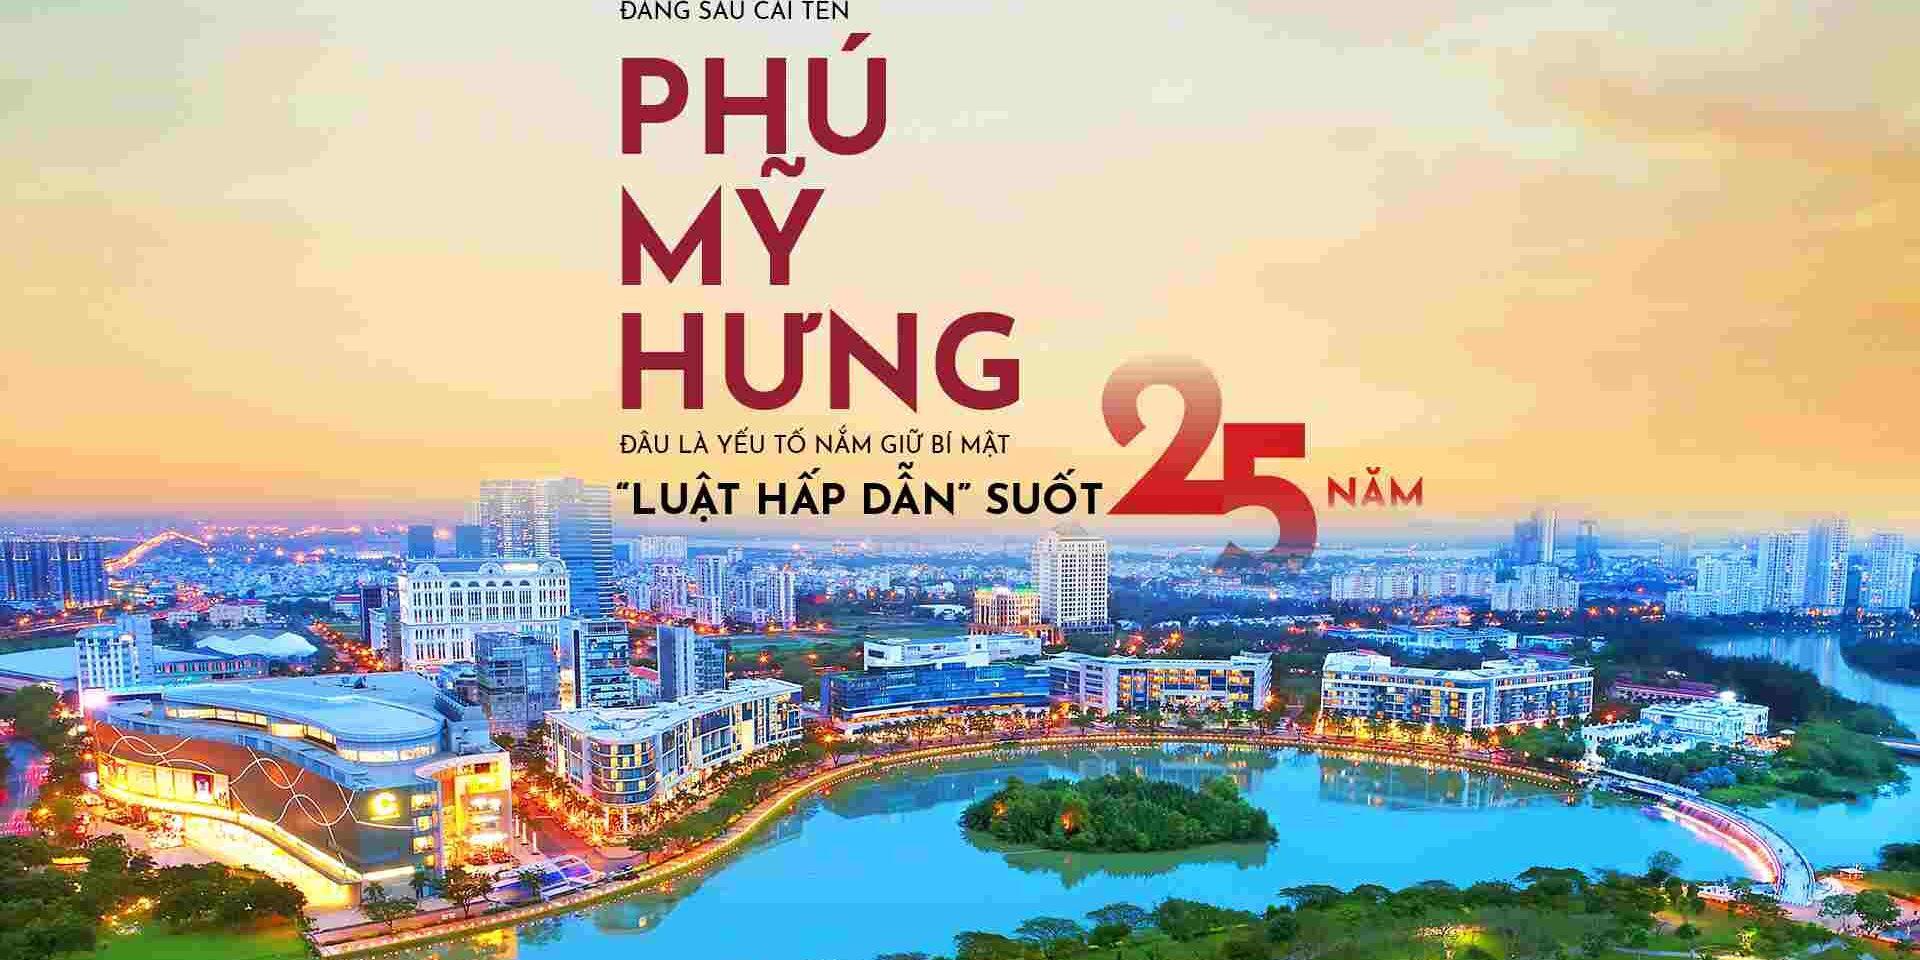 dự án Phú Hưng Khang Hoà Bình - của Phú Mỹ Hưng